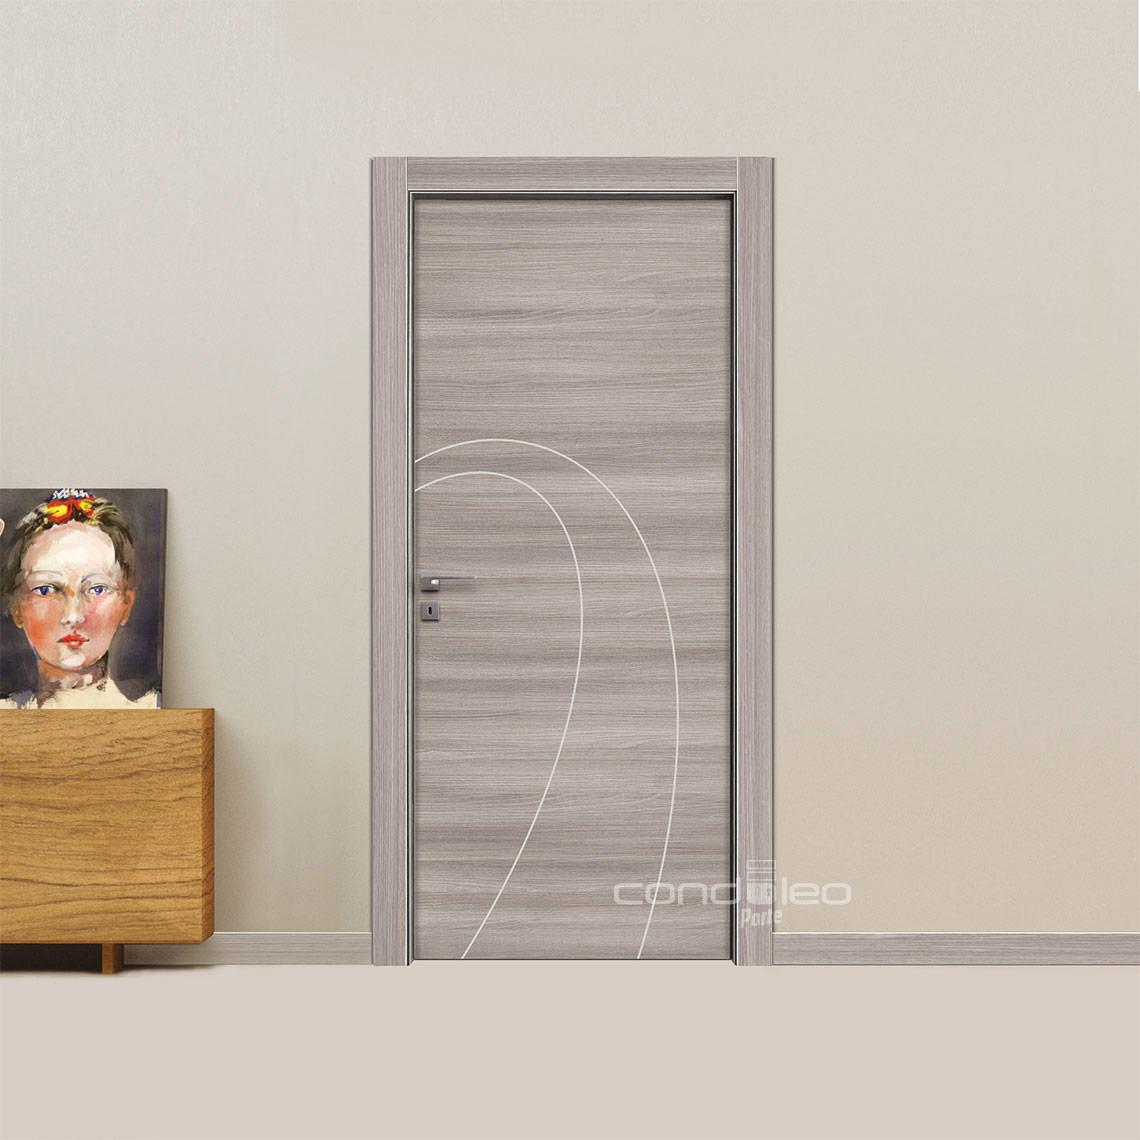 Porta frassino grigio inserti alluminio satinato Mod. L011